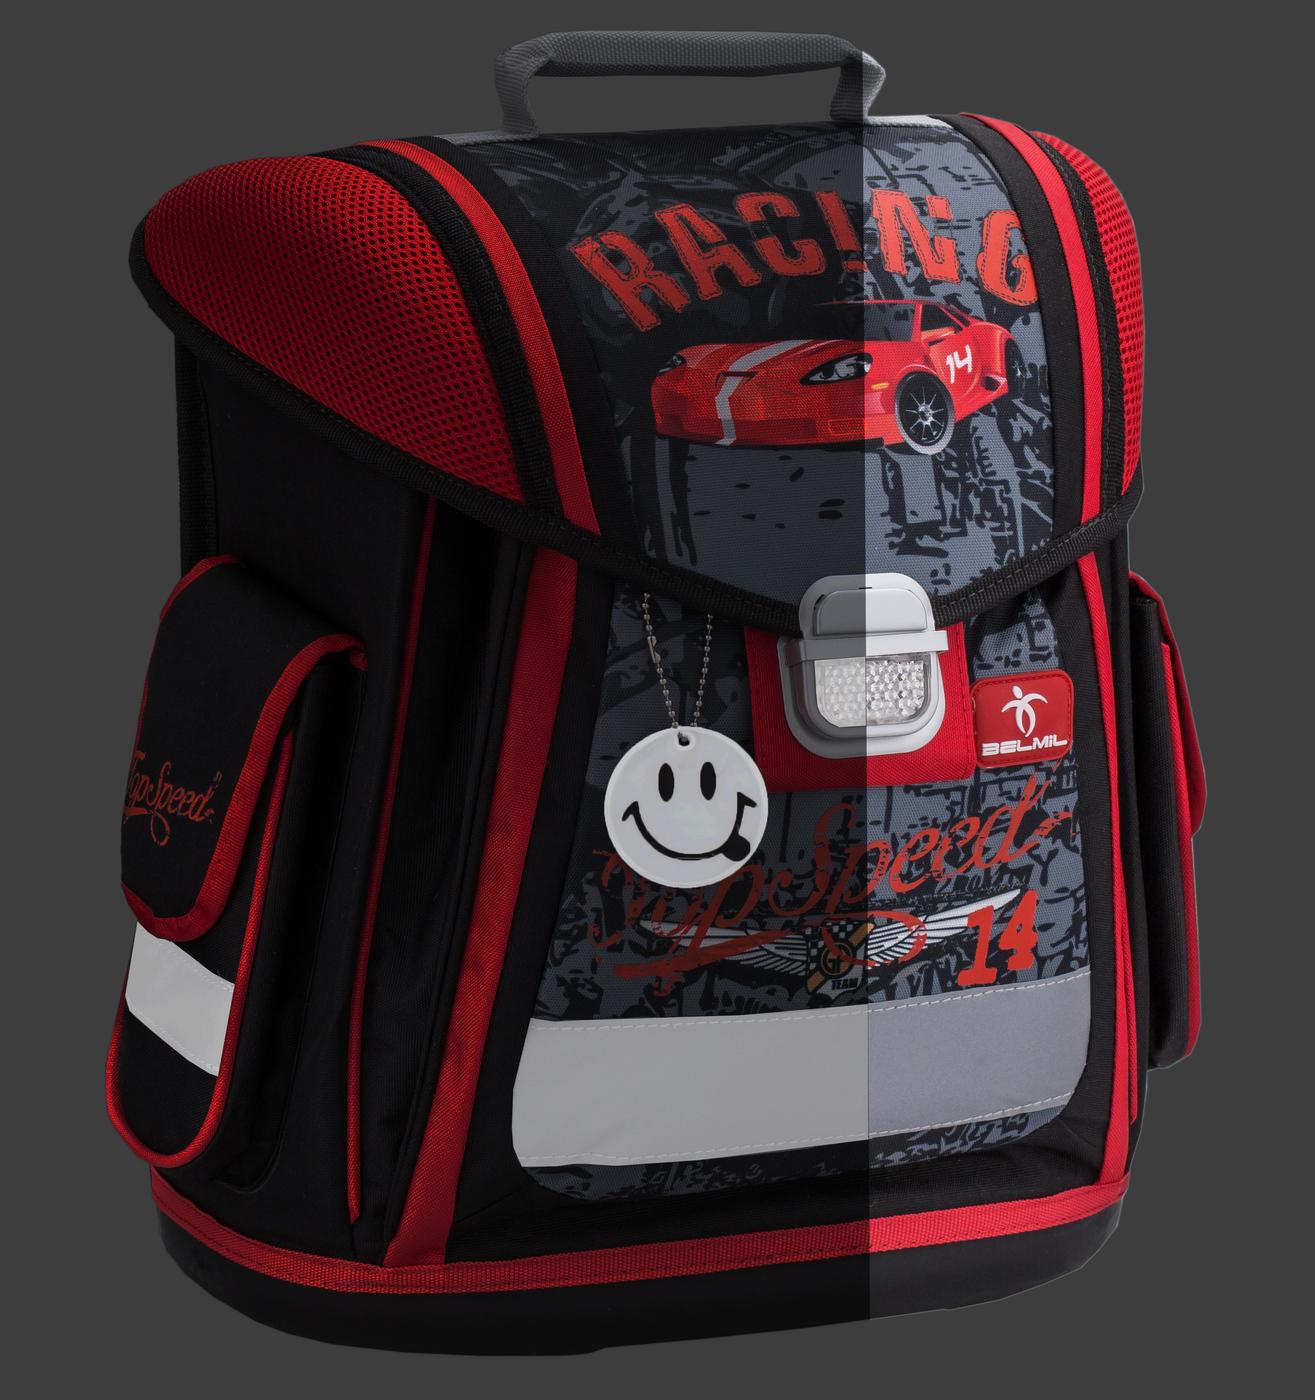 Ранец Belmil Футбольный Клуб 404 5 Football Club Red + мешок, - фото 10